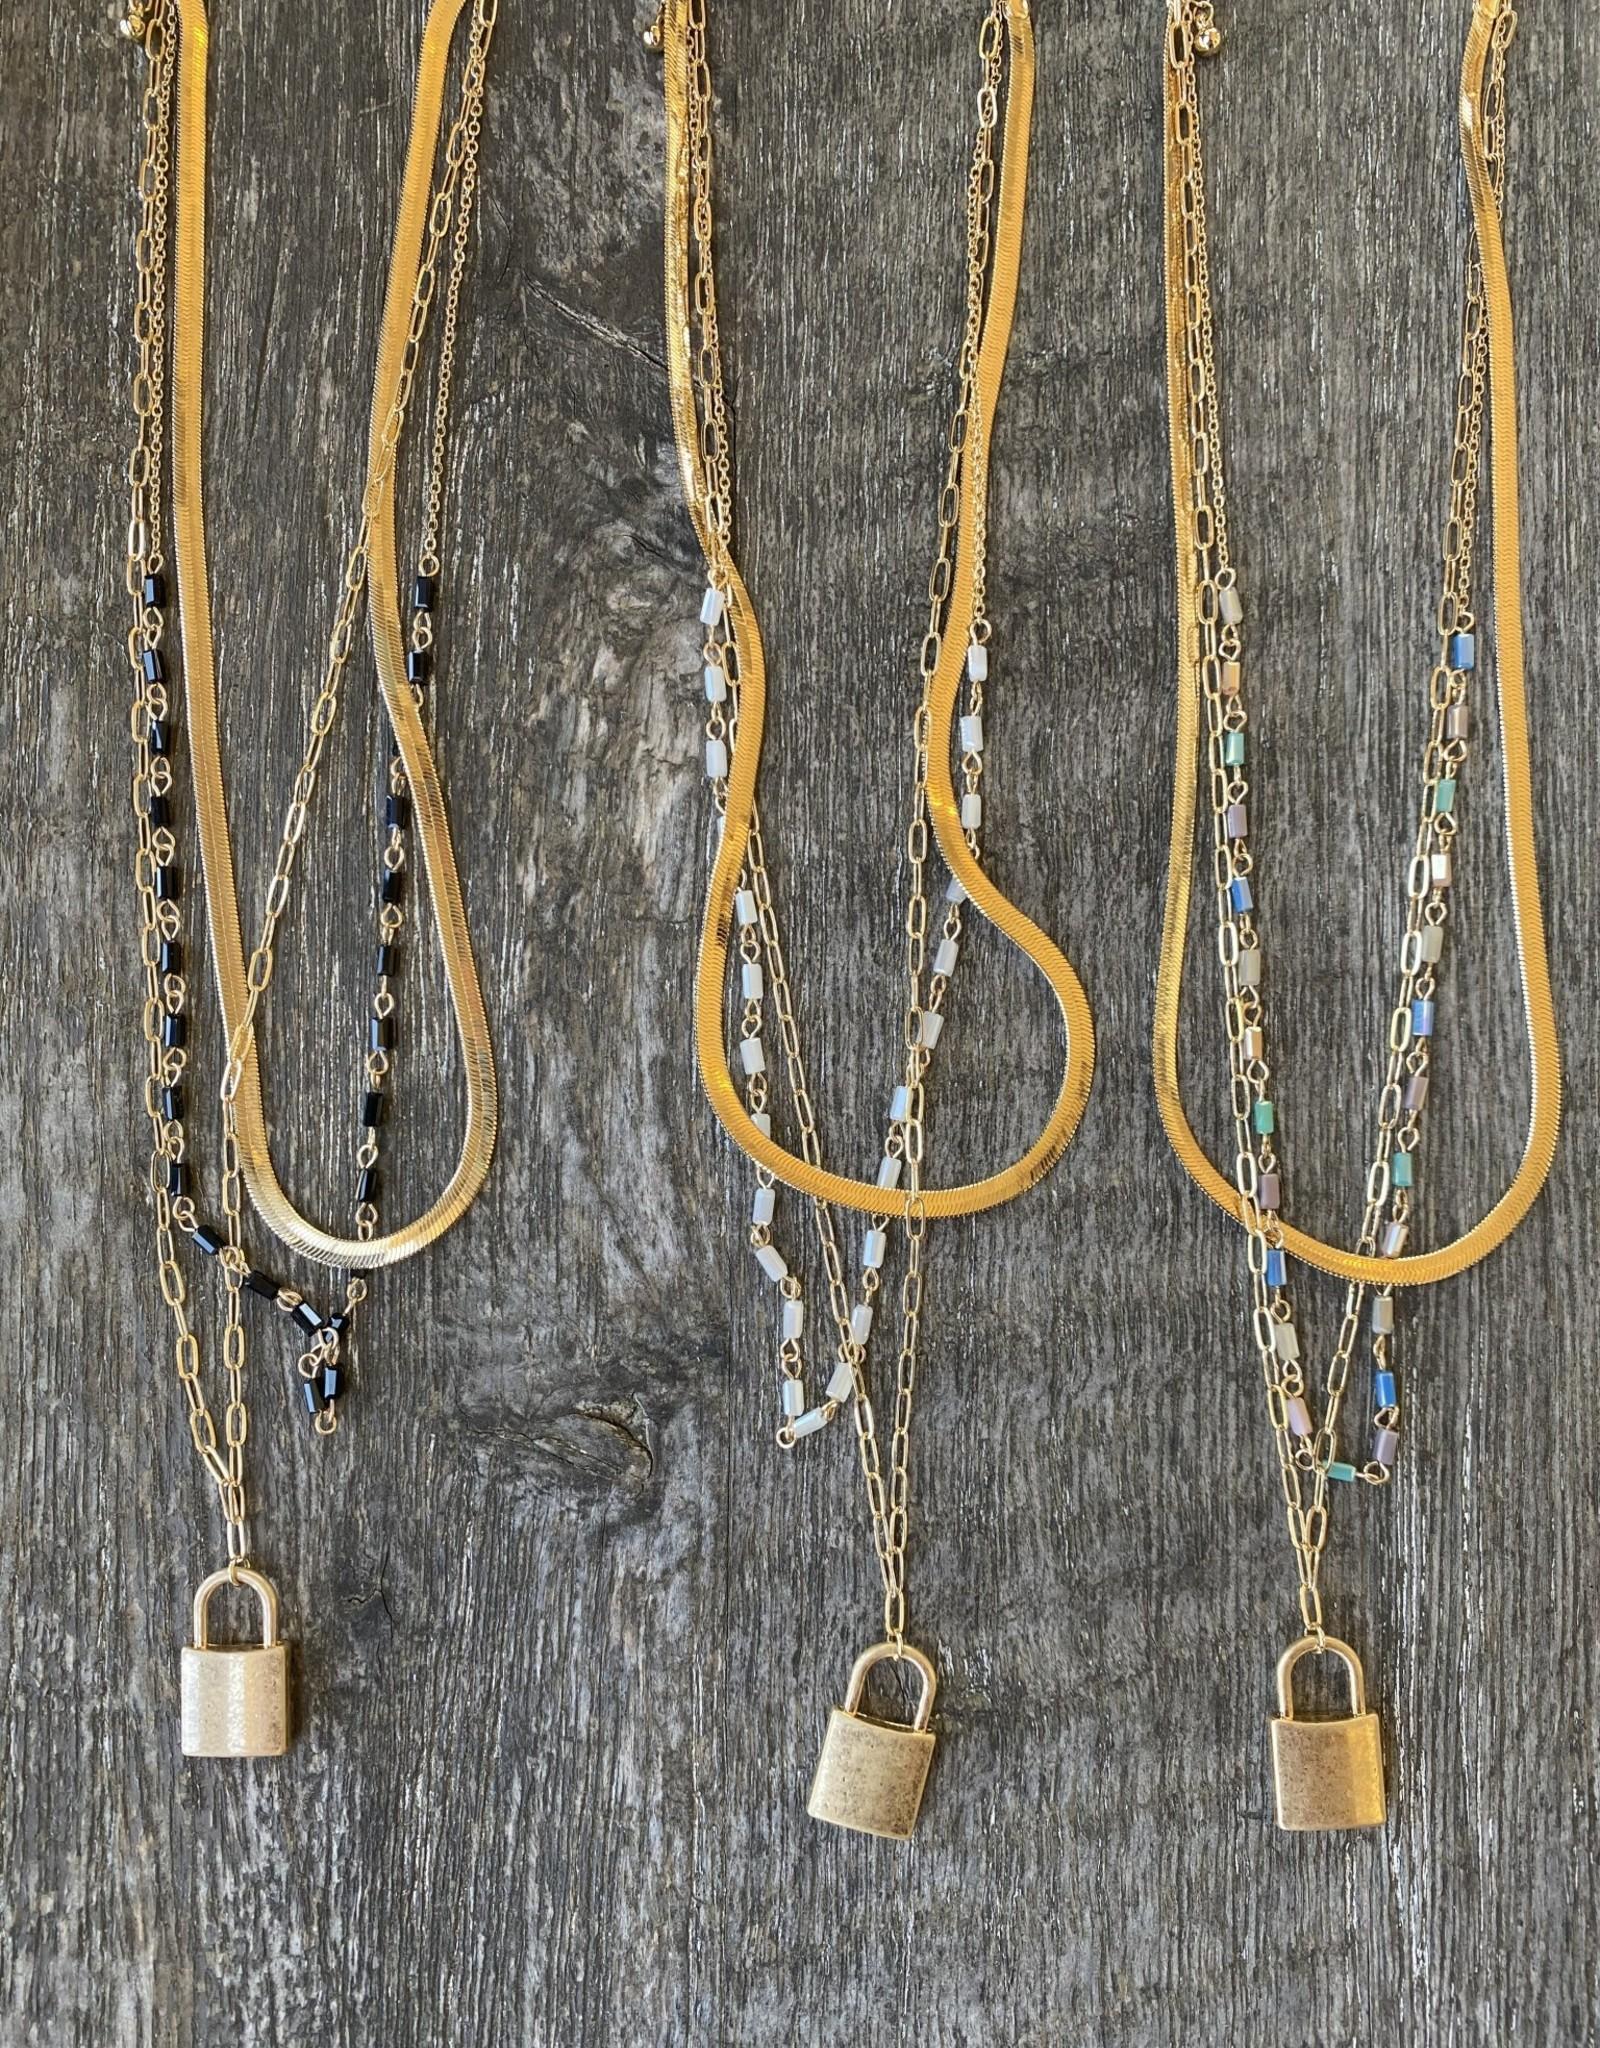 Wink Love Lock Multi Chain Necklace